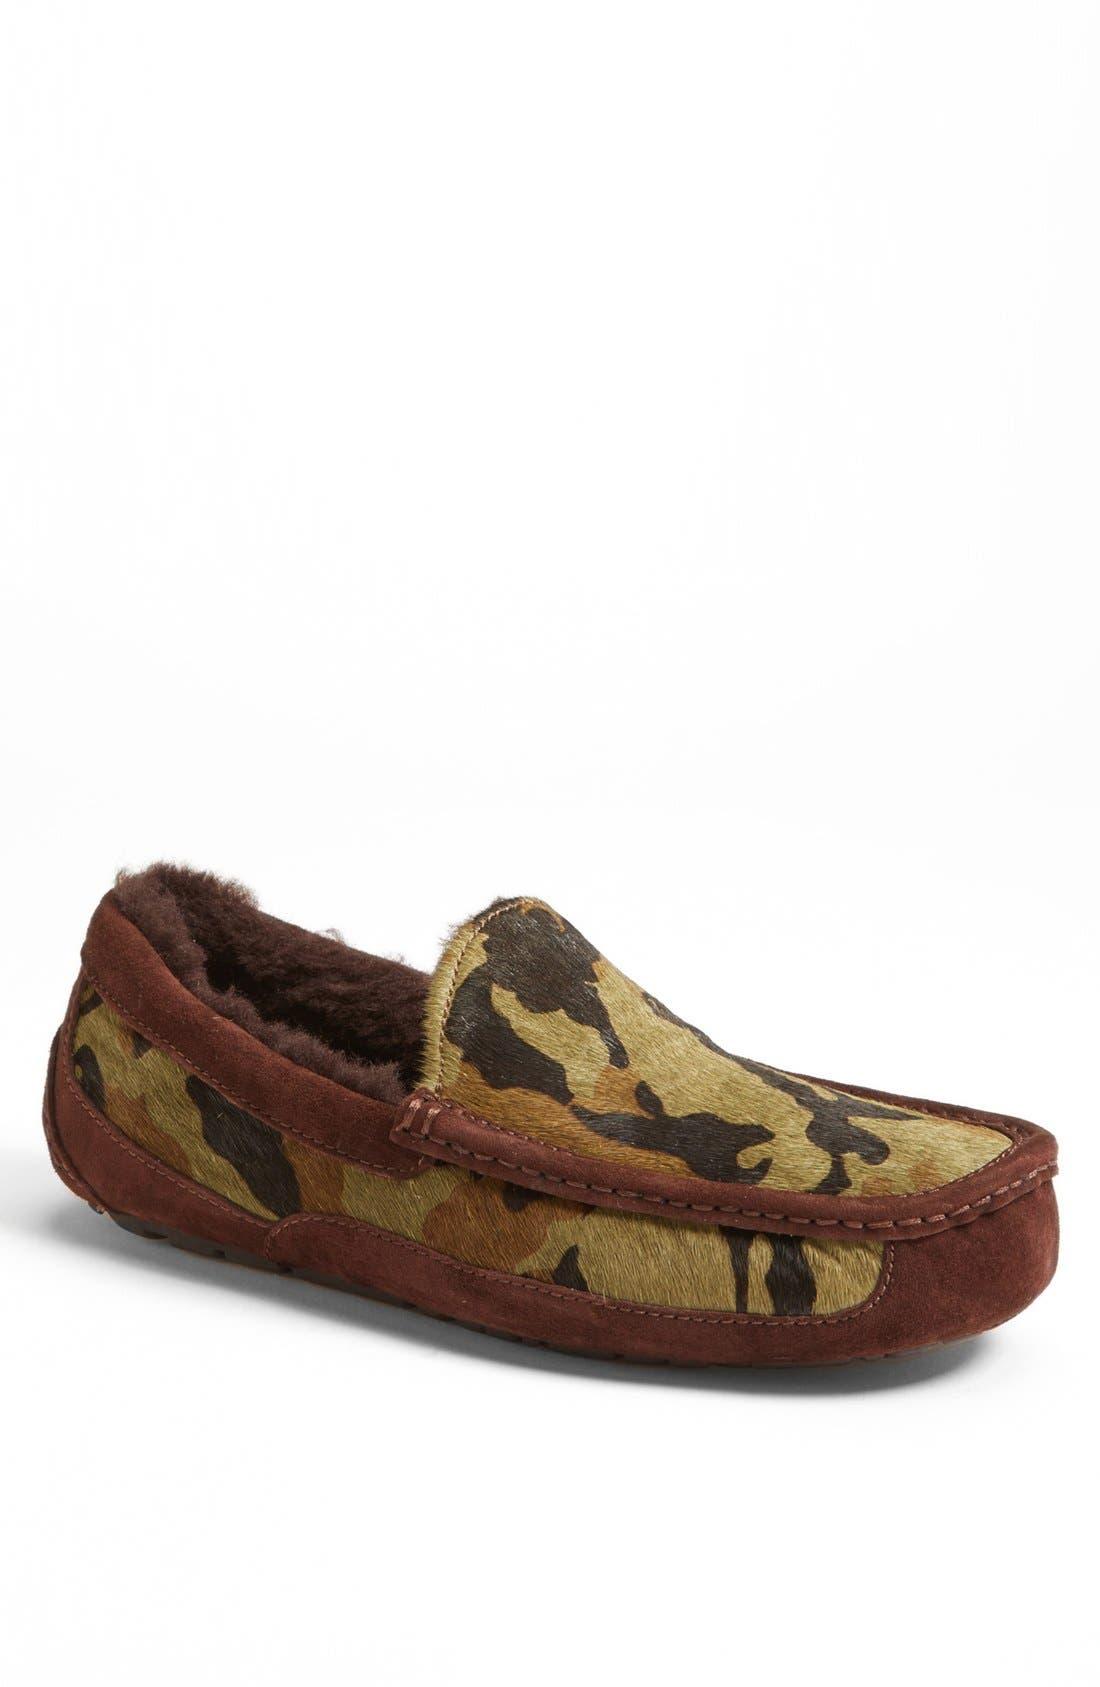 ugg australia men's ascot camo slipper